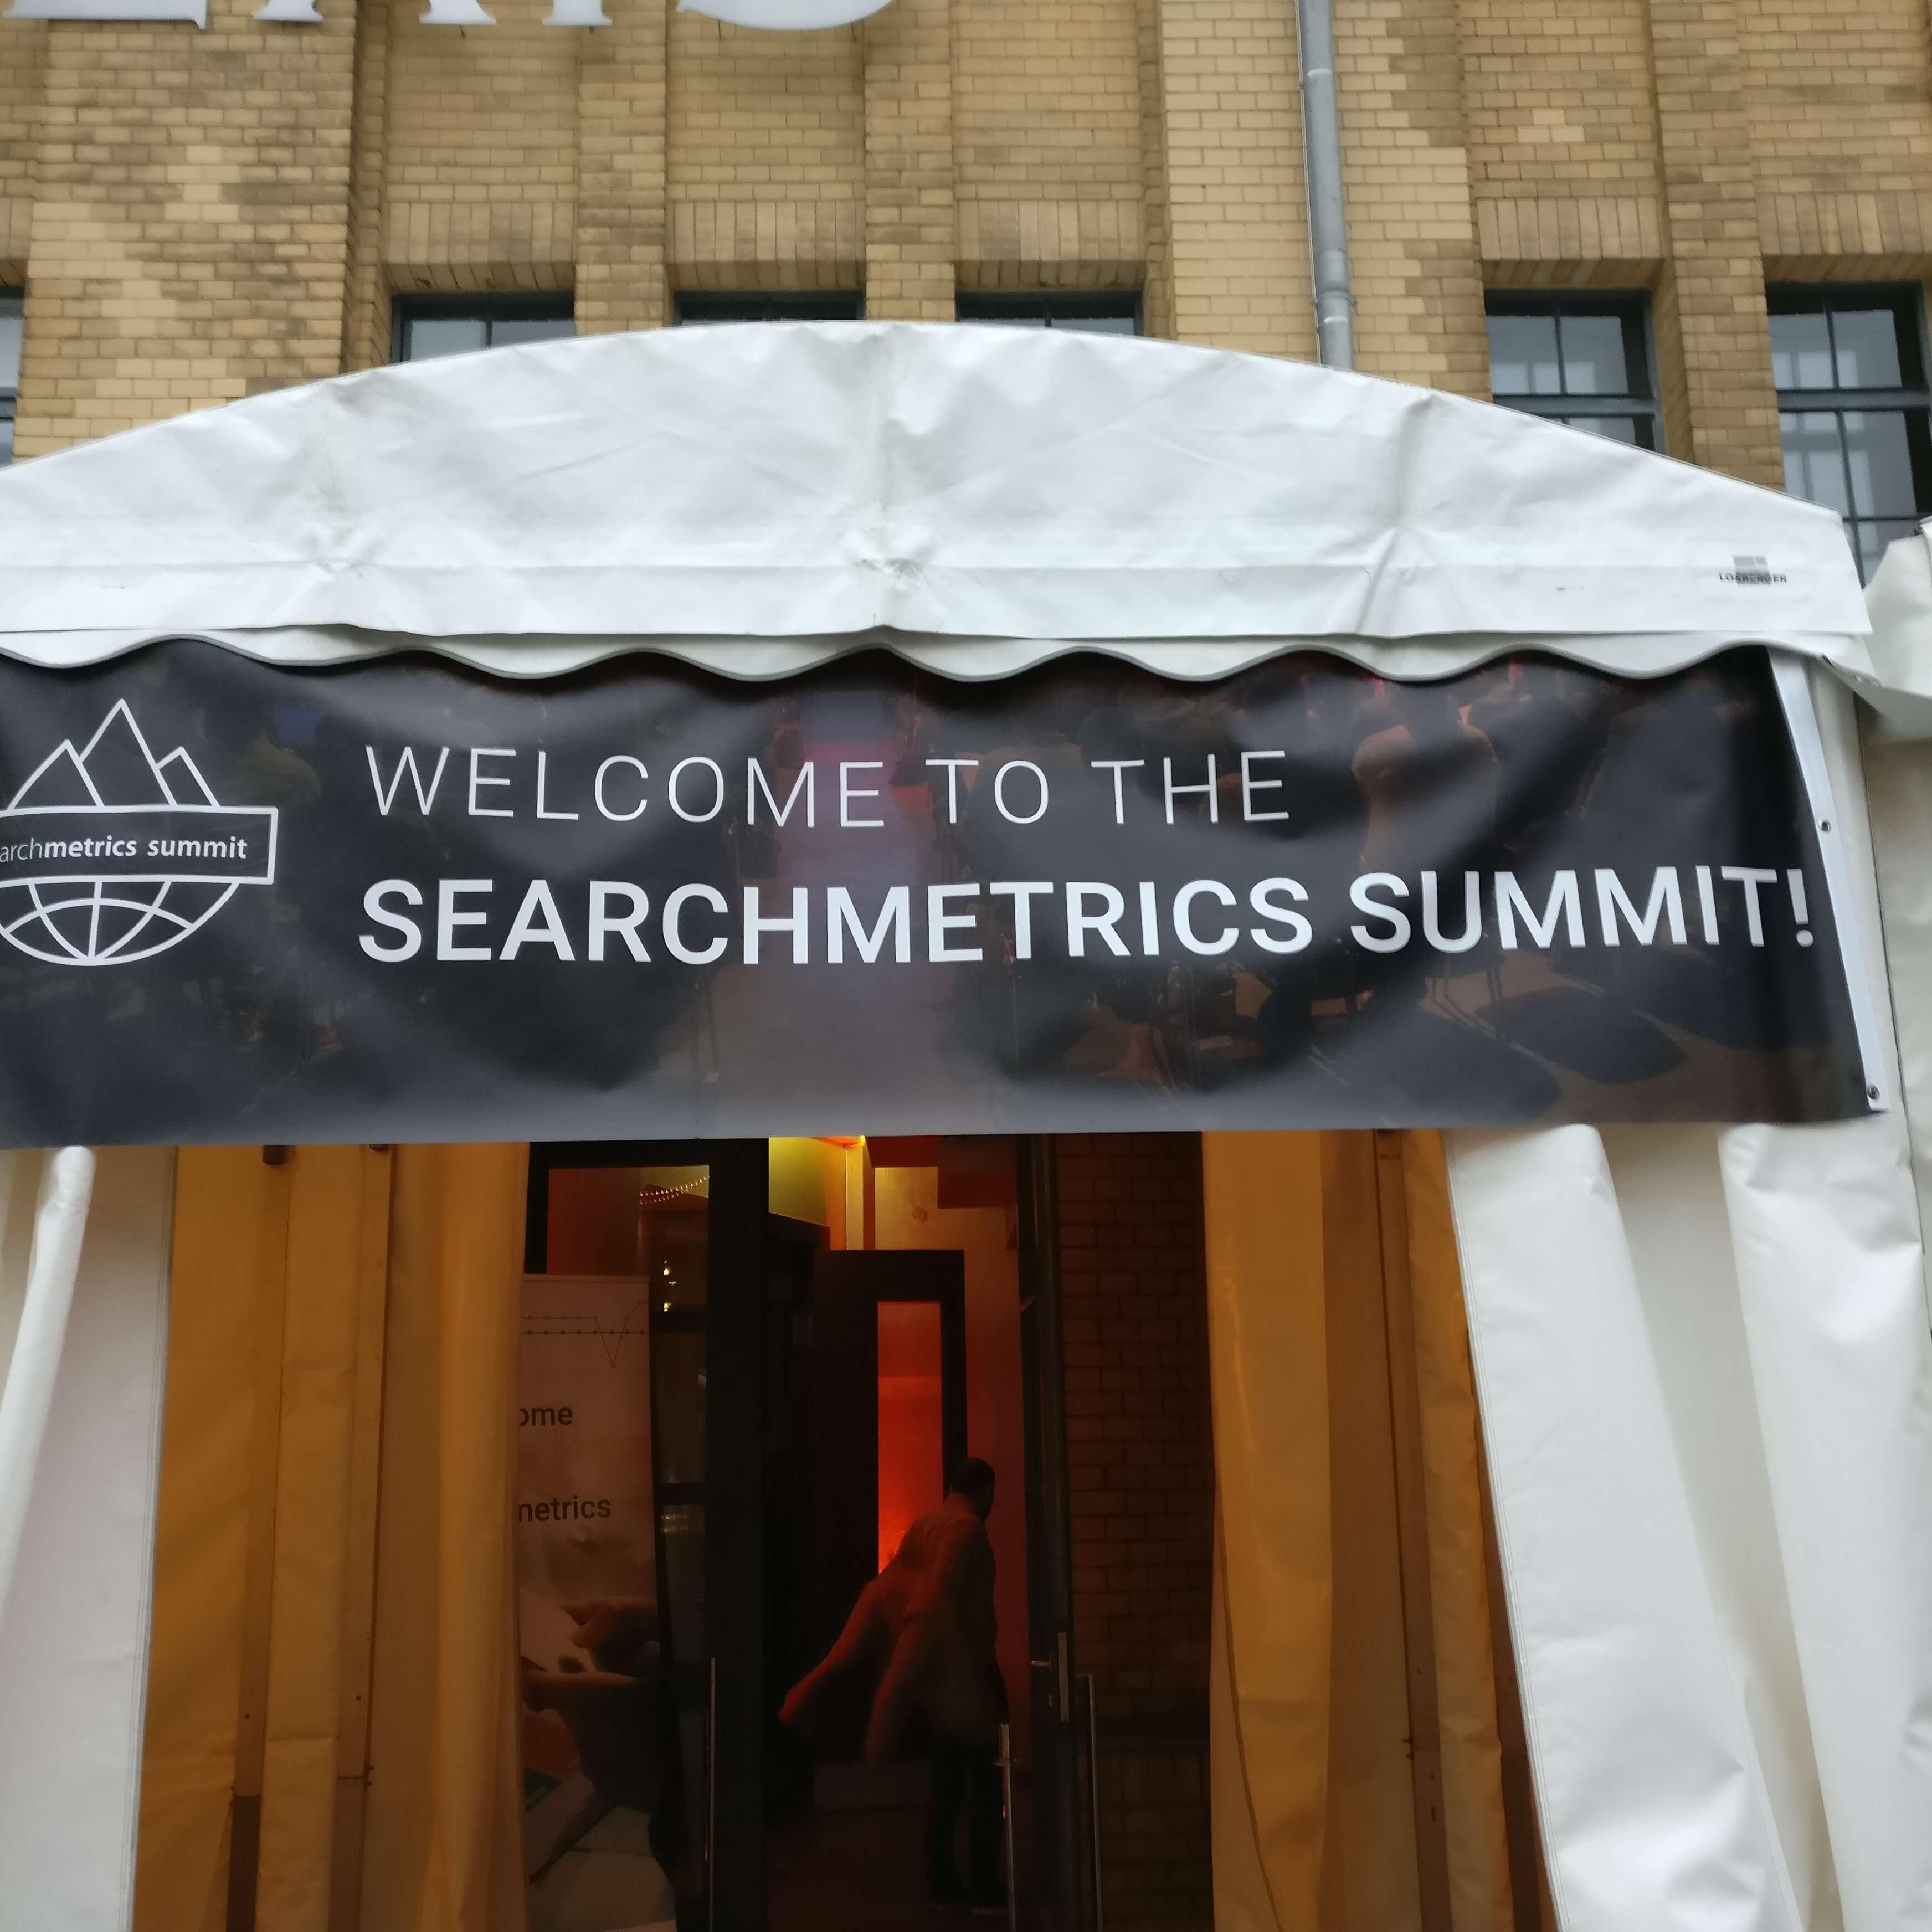 Foto: Willkommen beim Searchmetrics Summit